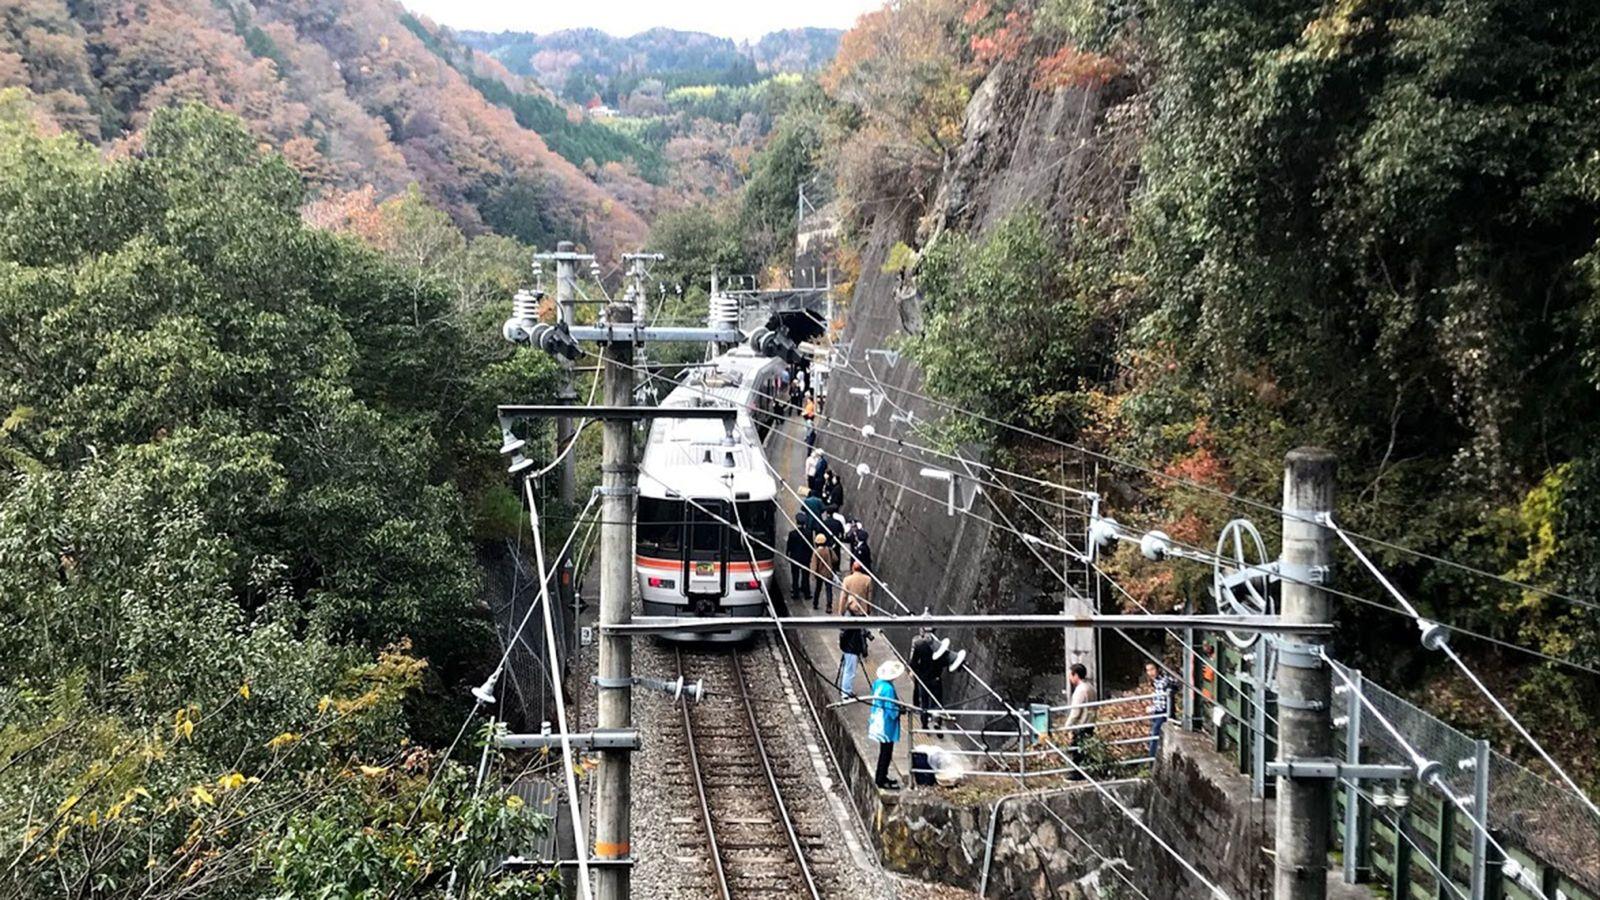 チケットは即完売「秘境駅」を行く観光列車の旅 「飯田線秘境駅号」停車駅を全解剖